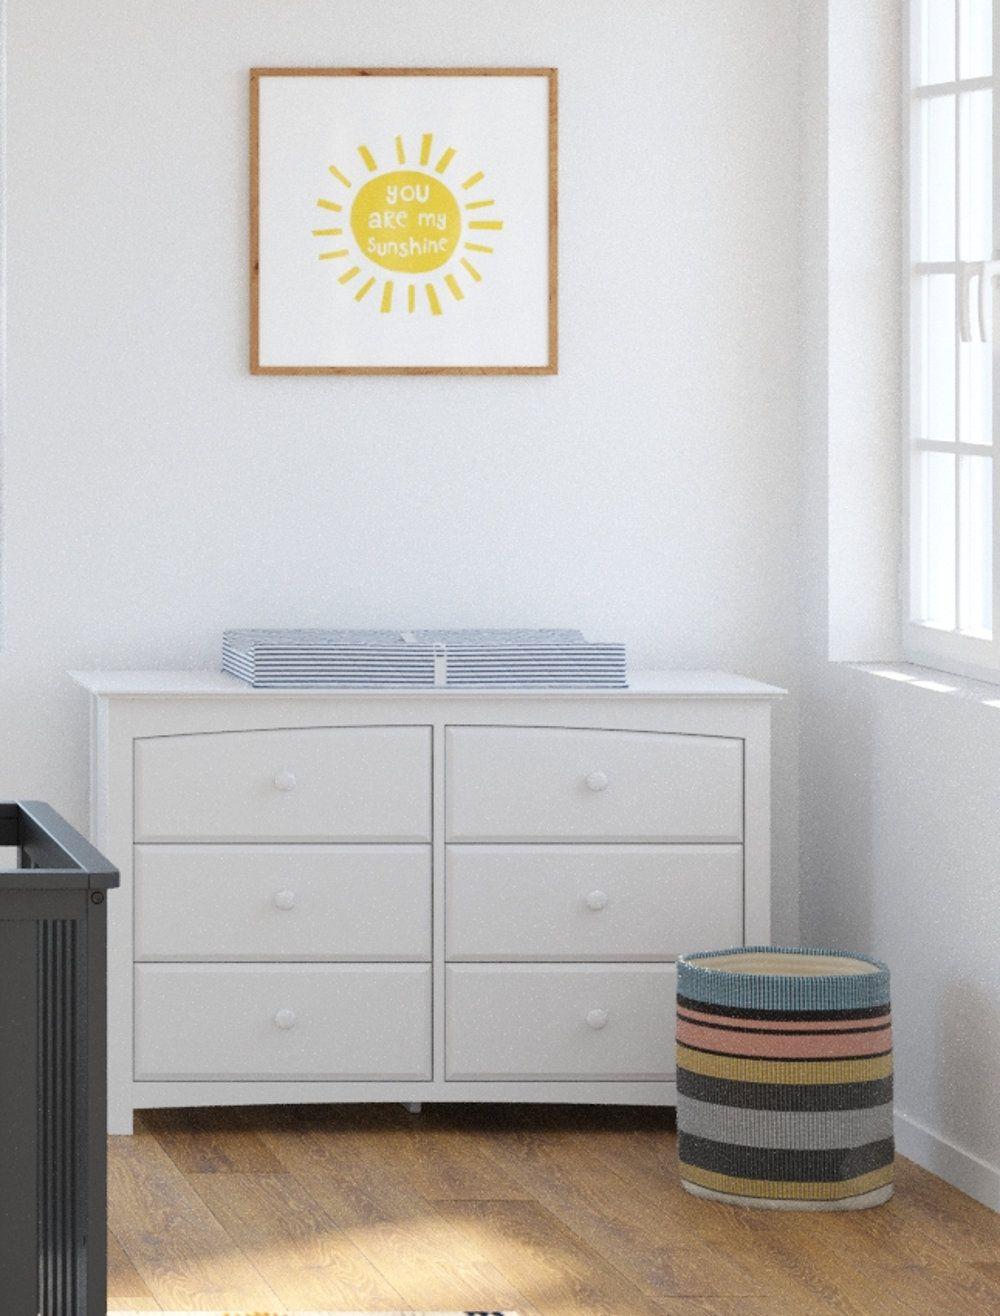 Kenton 6 Drawer Double Dresser Storkcraft Storage Solutions Bedroom Double Dresser [ 1316 x 1000 Pixel ]